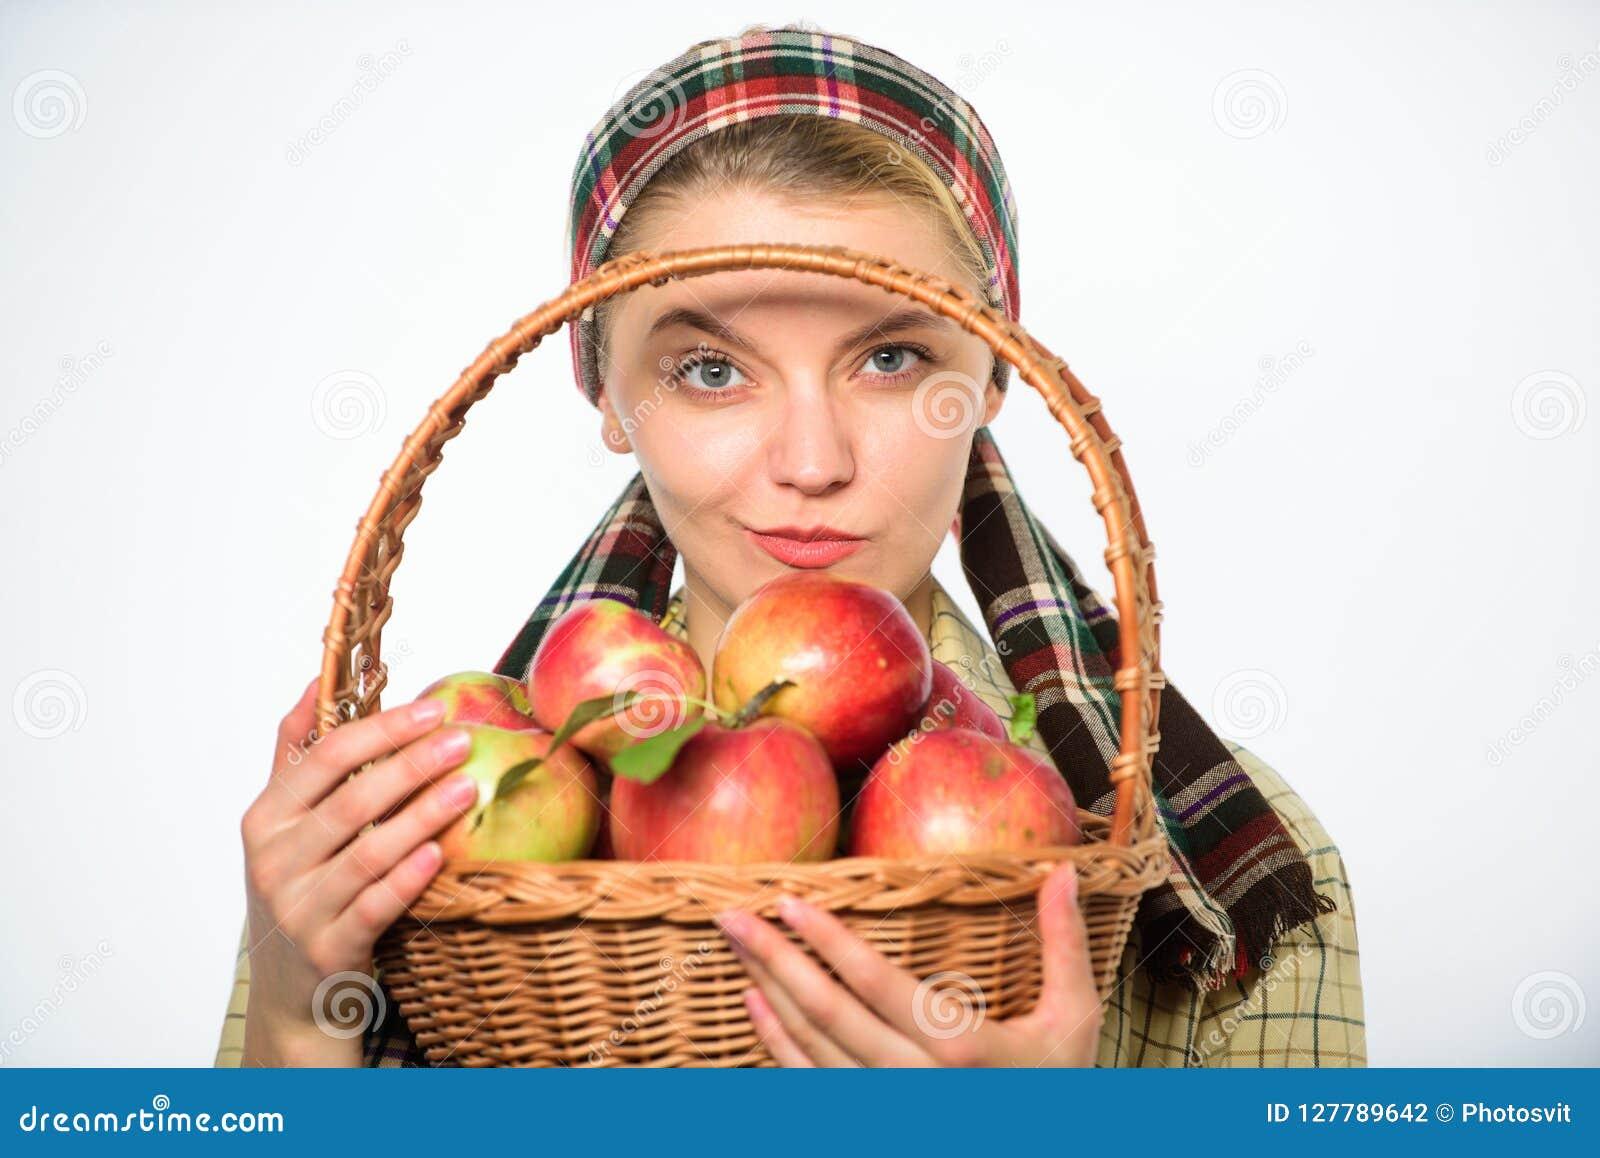 Ο εύθυμος χωρικός γυναικών φέρνει το καλάθι με τα φυσικά φρούτα Κηπουρός γυναικείων αγροτών υπερήφανος του κηπουρού γυναικών συγκ